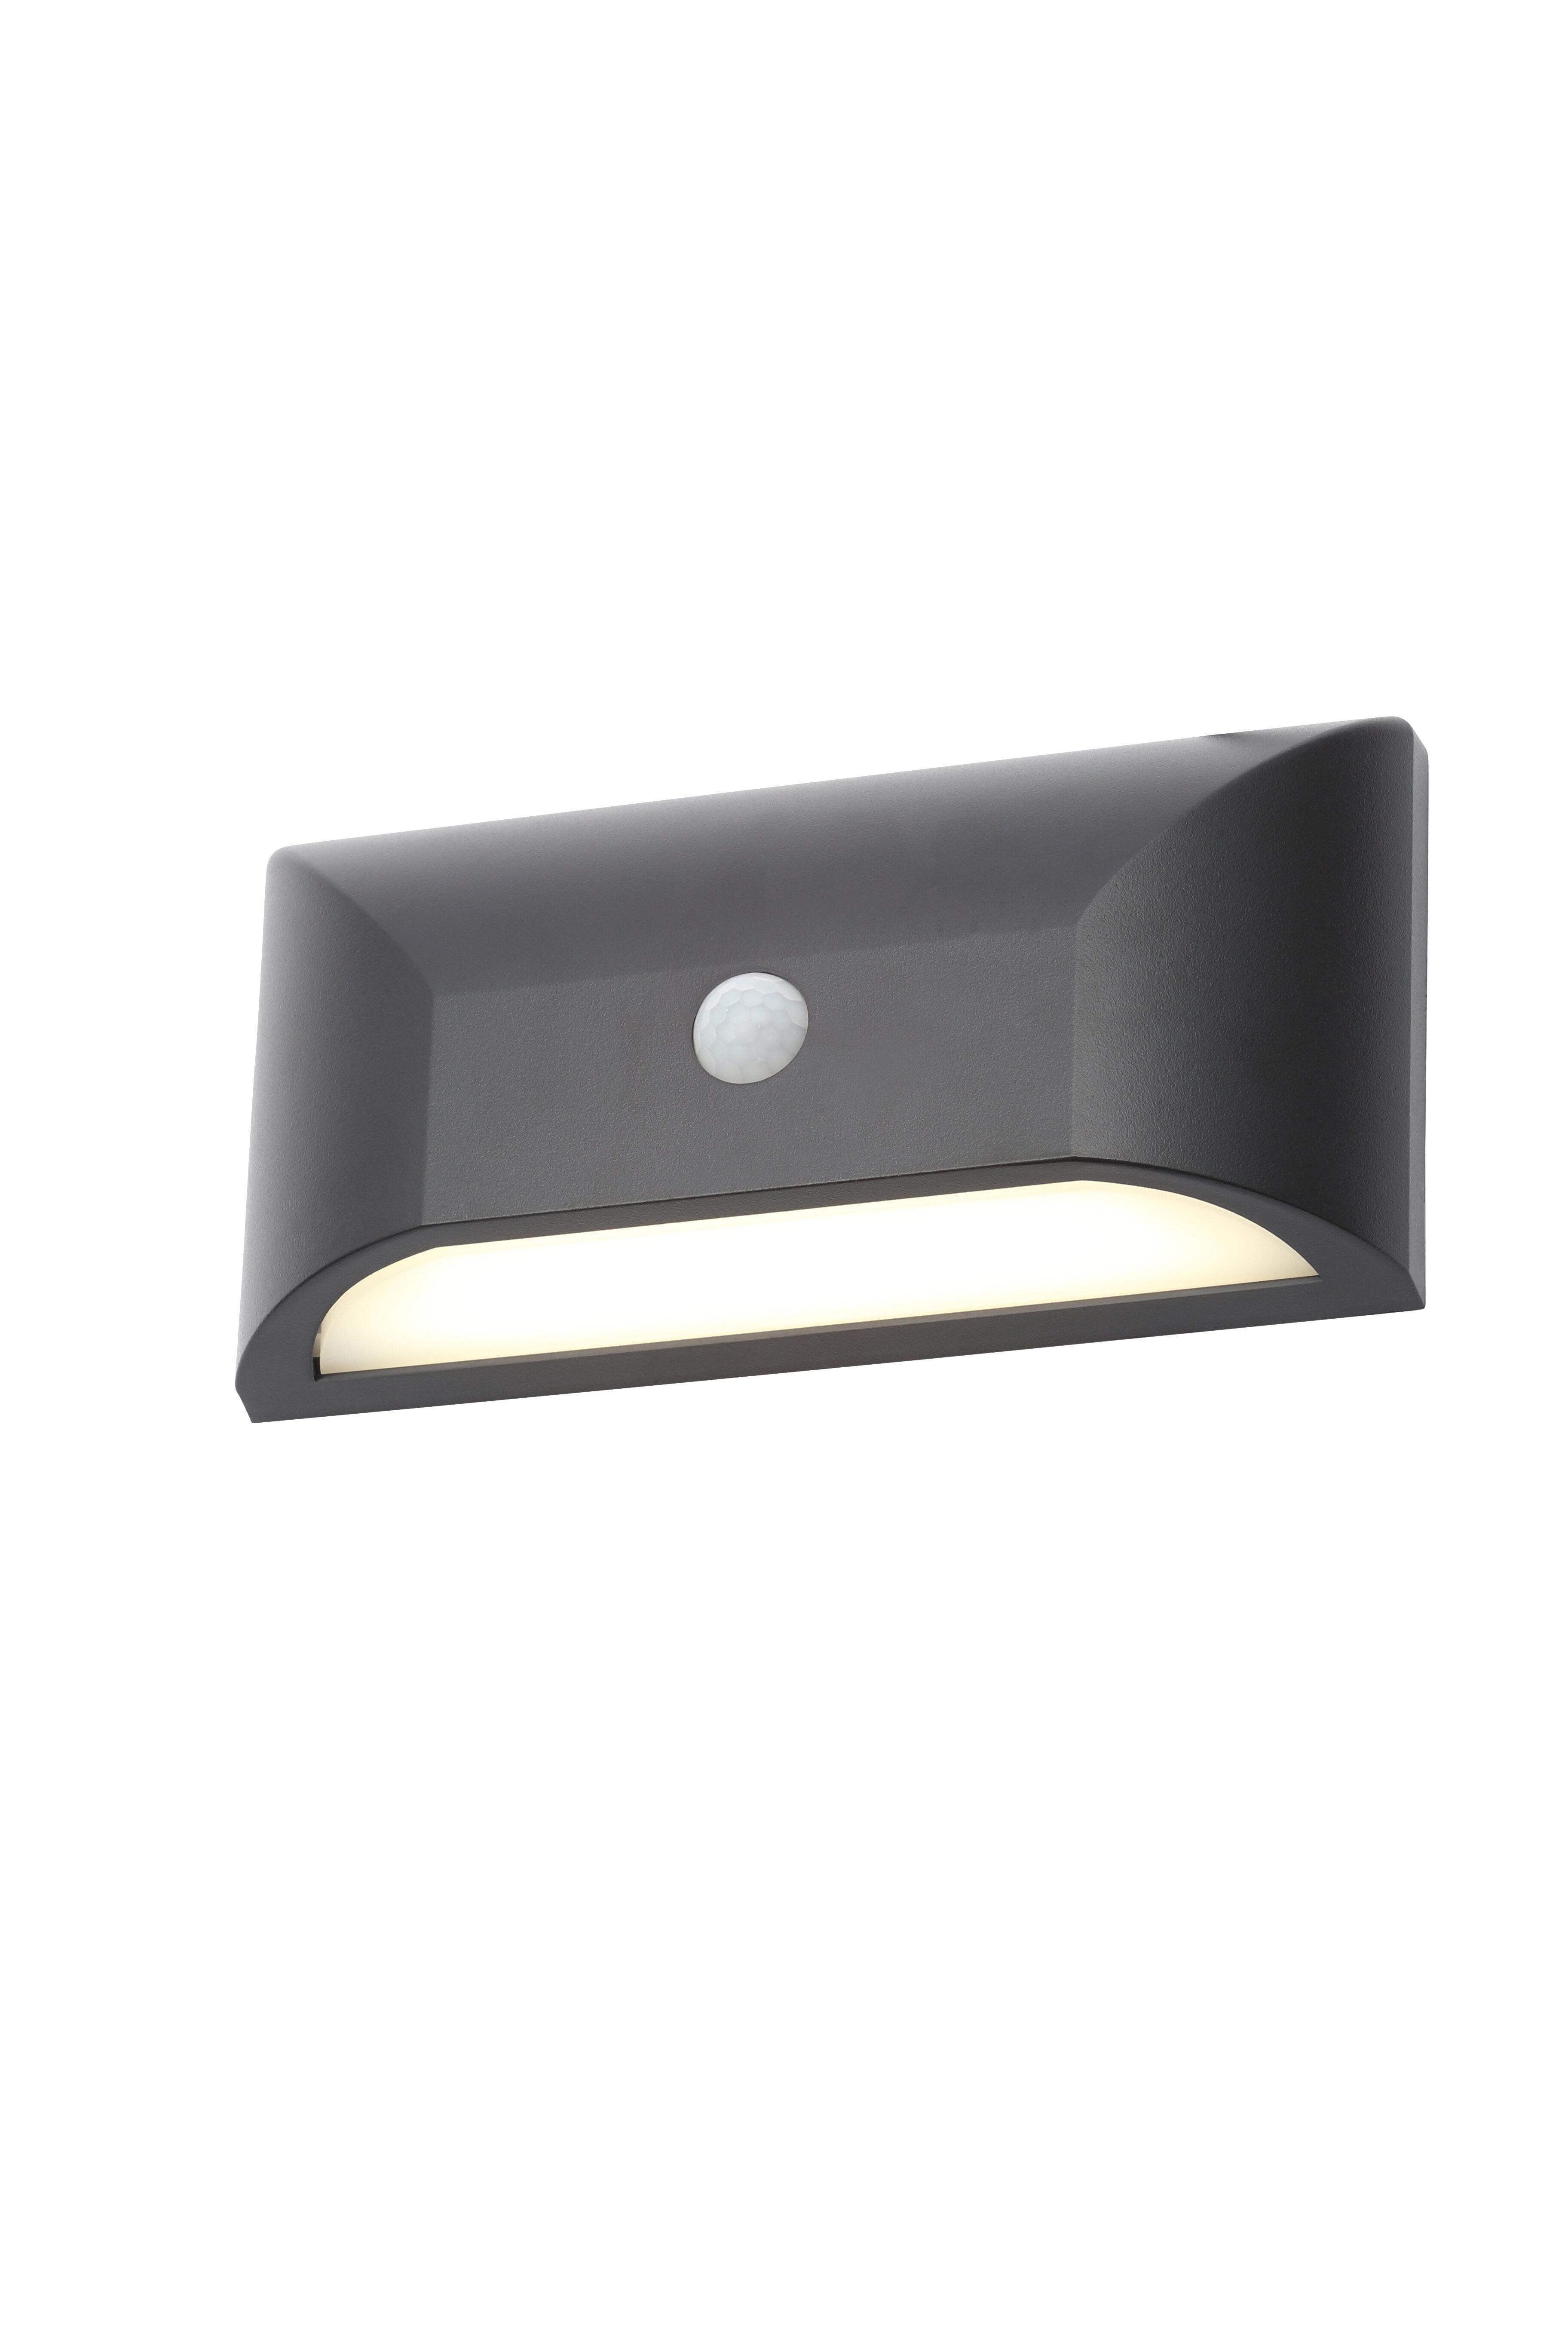 Mne Rectangular Led Outdoor Bulkhead Light With Pir Sensor